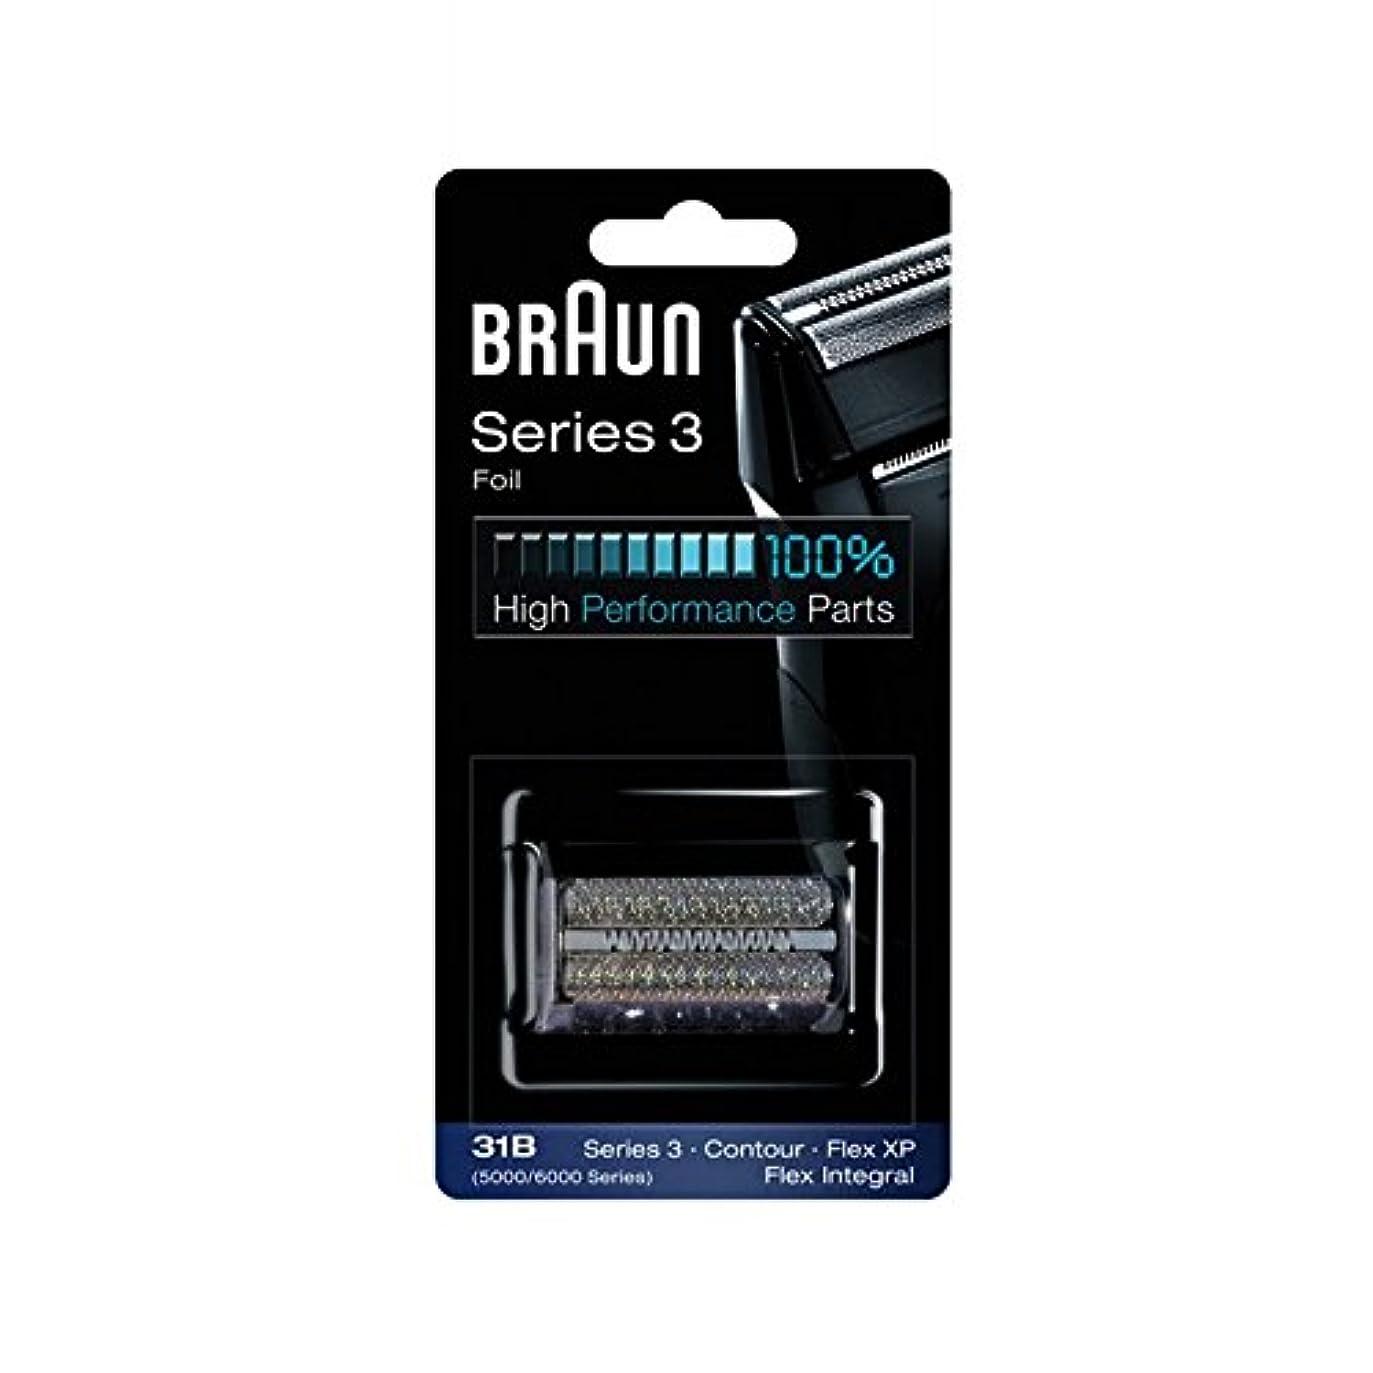 リップ護衛可聴[Only Foil] Braun 31B それが唯一のシェーバー箔を含む箔(含まれないものカッター) [並行輸入品]